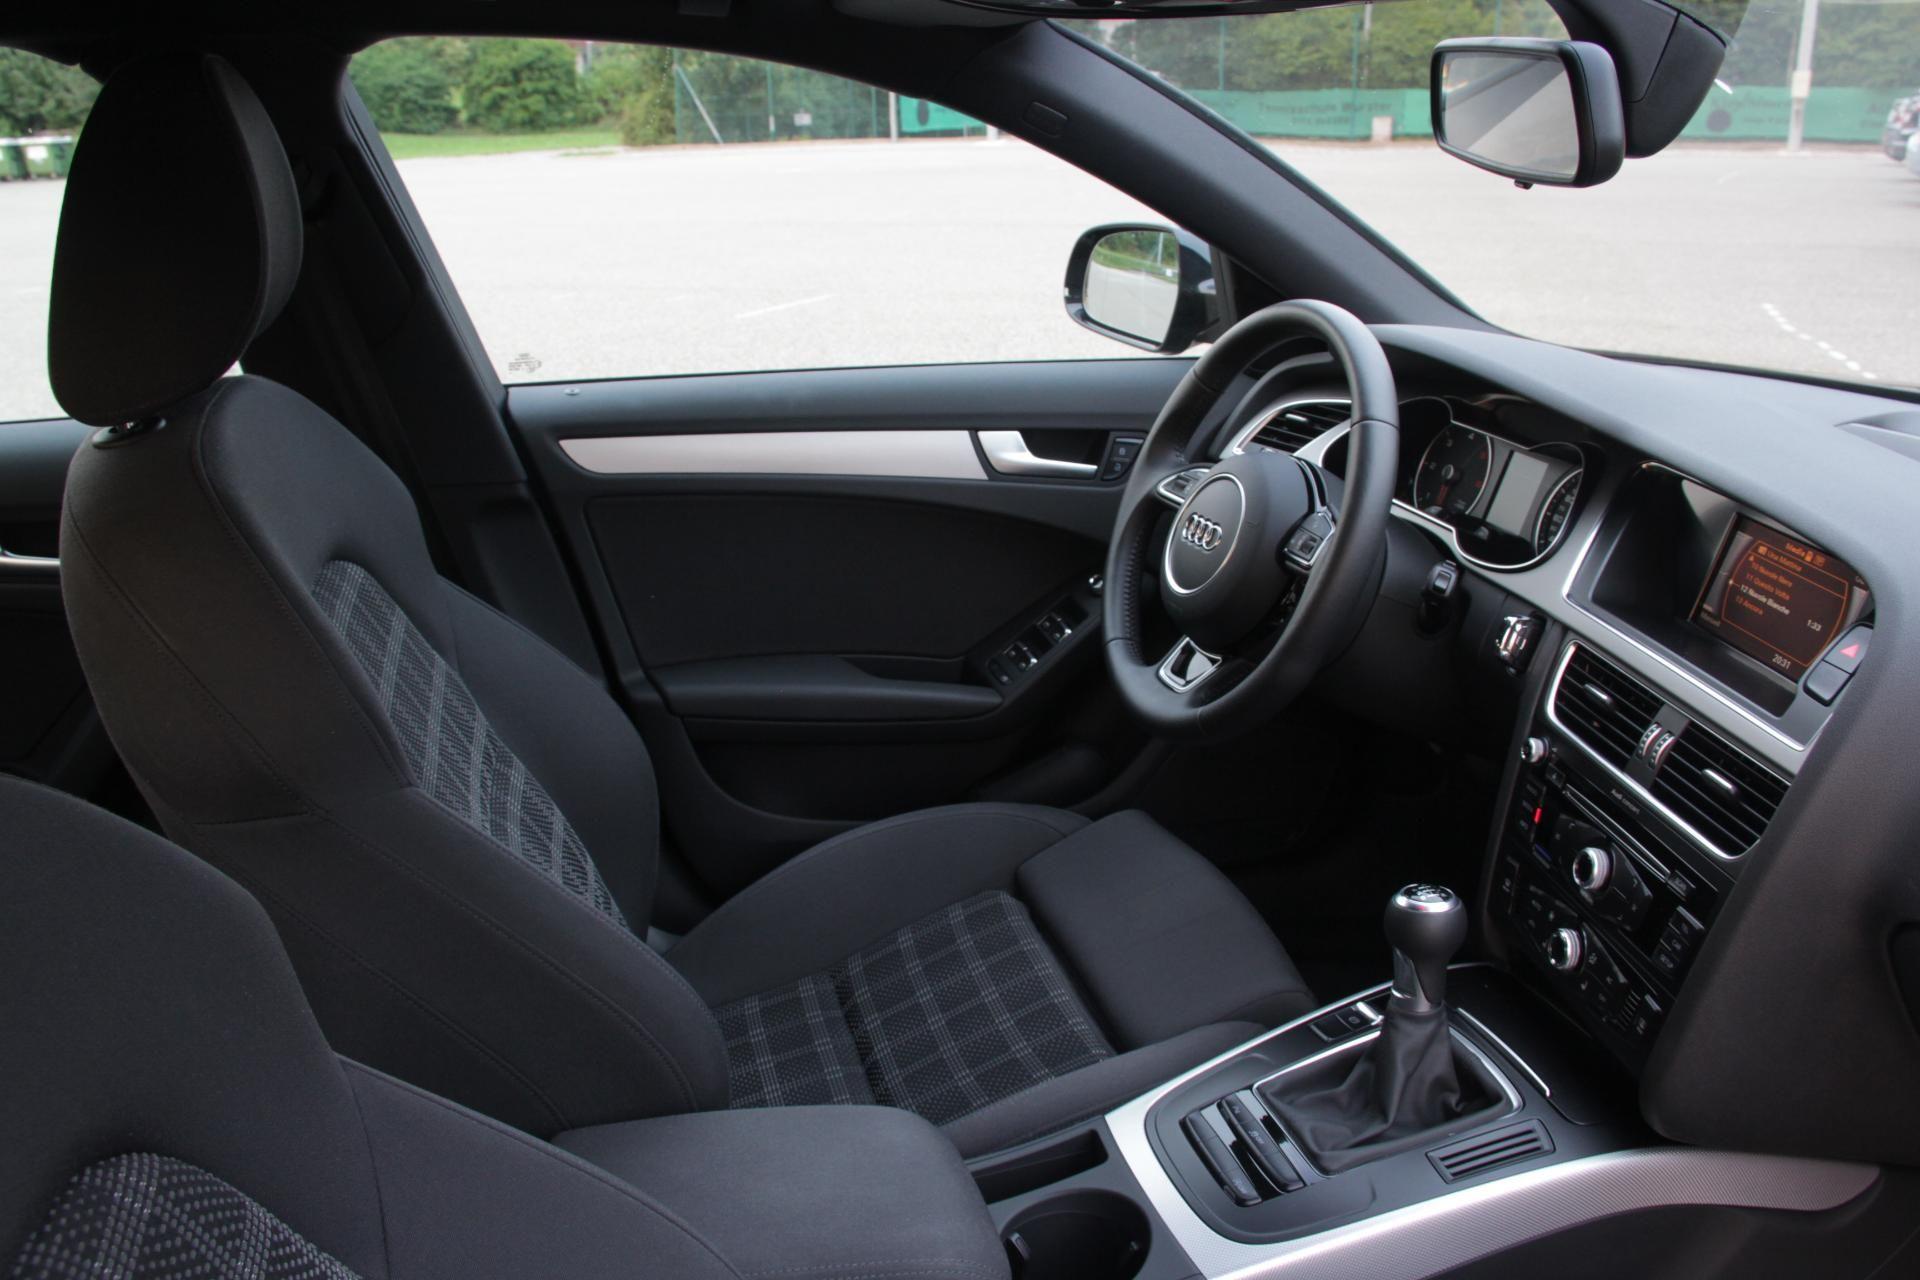 Kelebihan Kekurangan Audi A4 Avant 2013 Spesifikasi